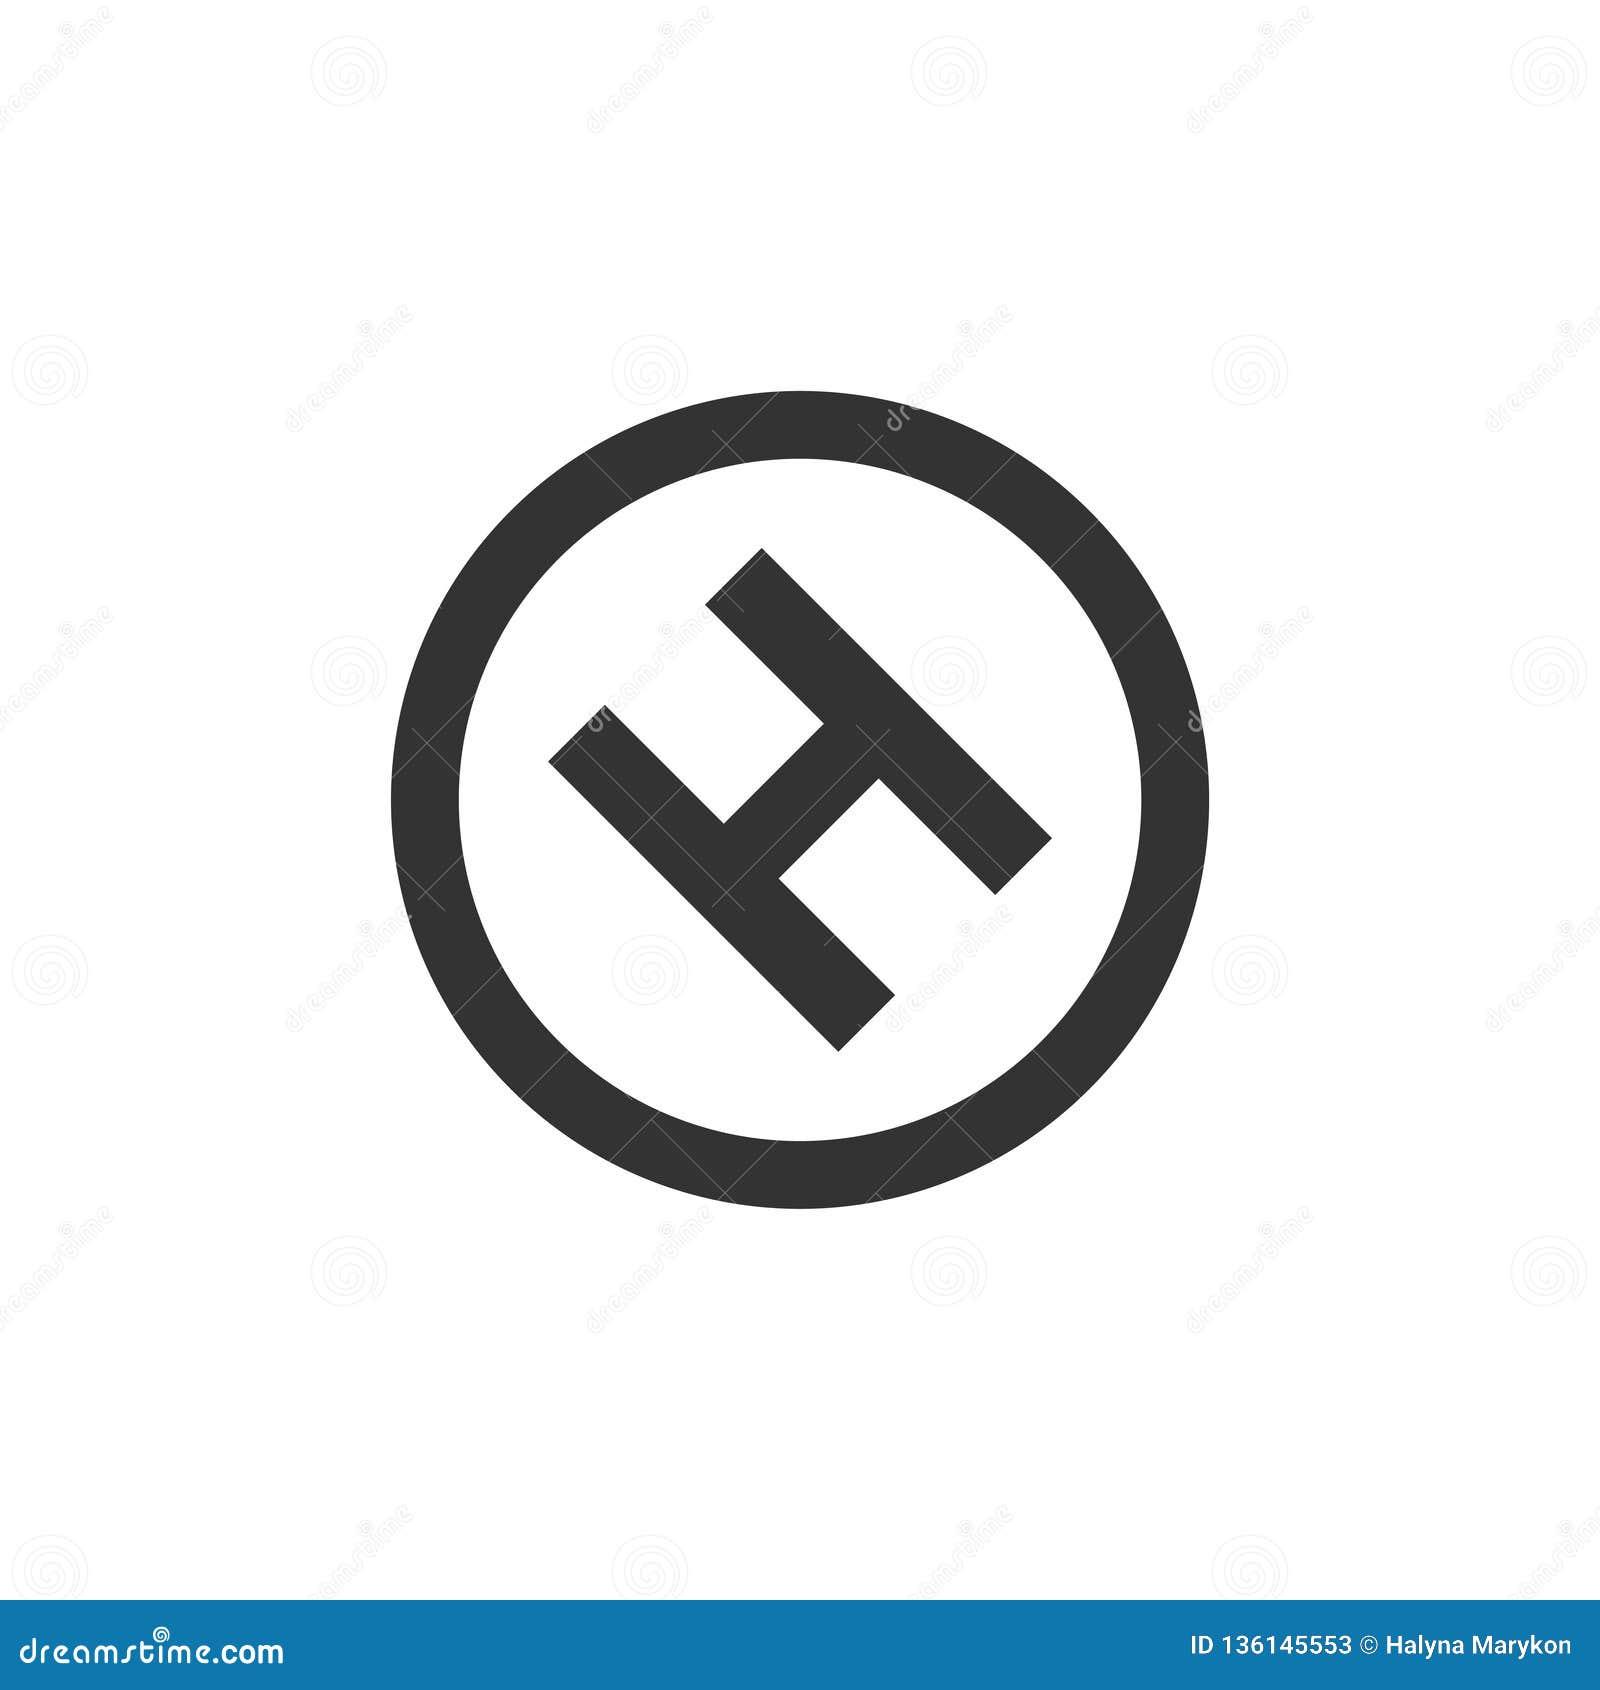 Hospital icon flat